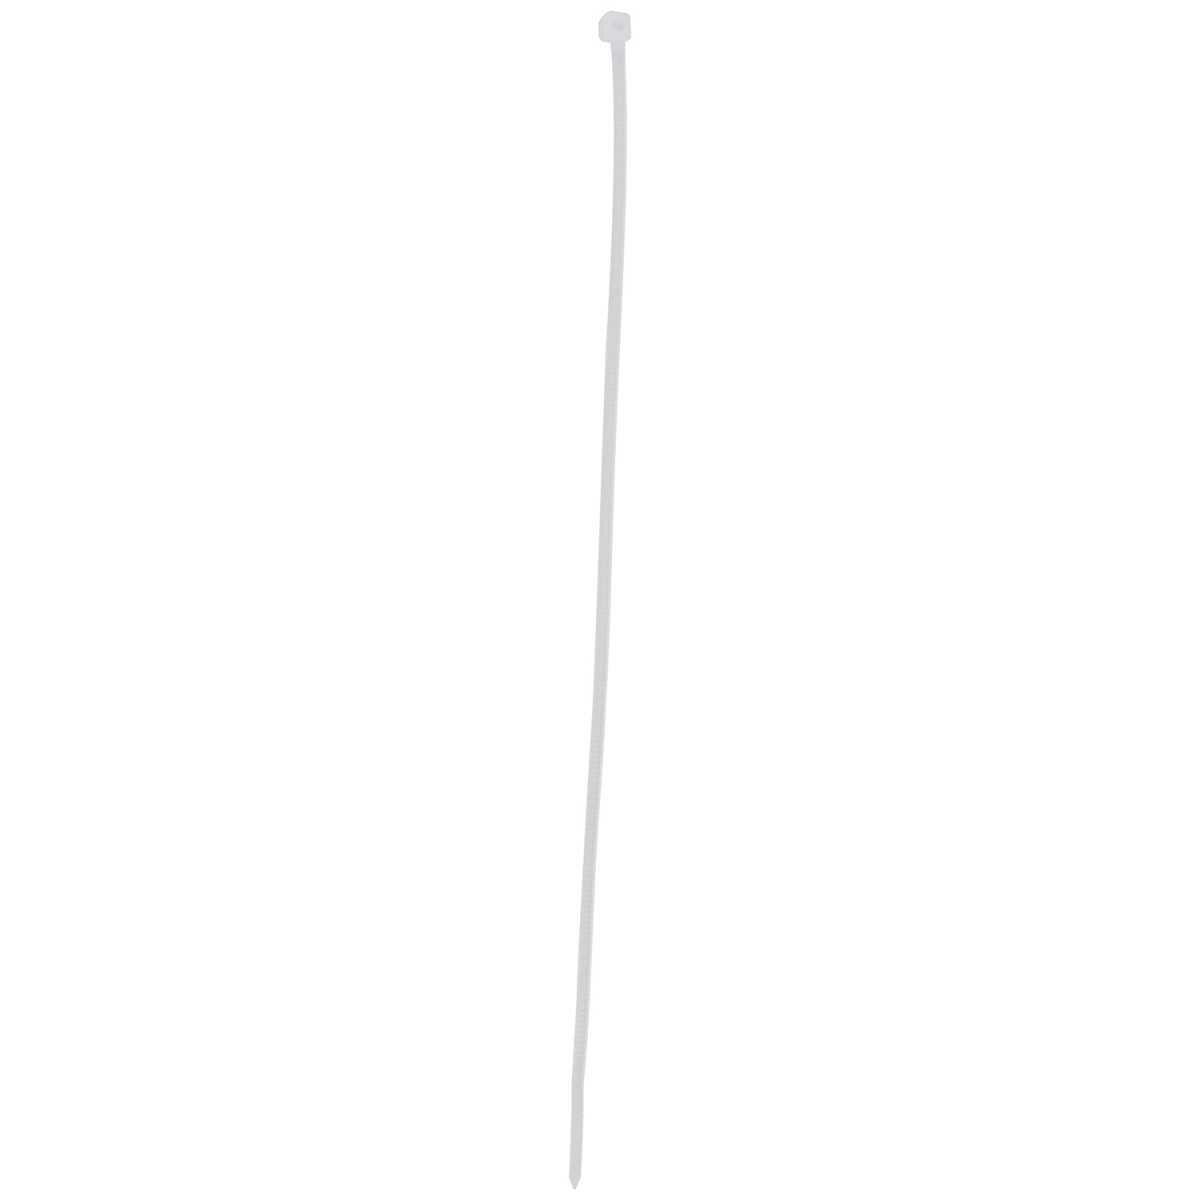 Abraçadeira de Nylon Branca 140 X 3,6Mm 100 Peças 2815140100 Vonder